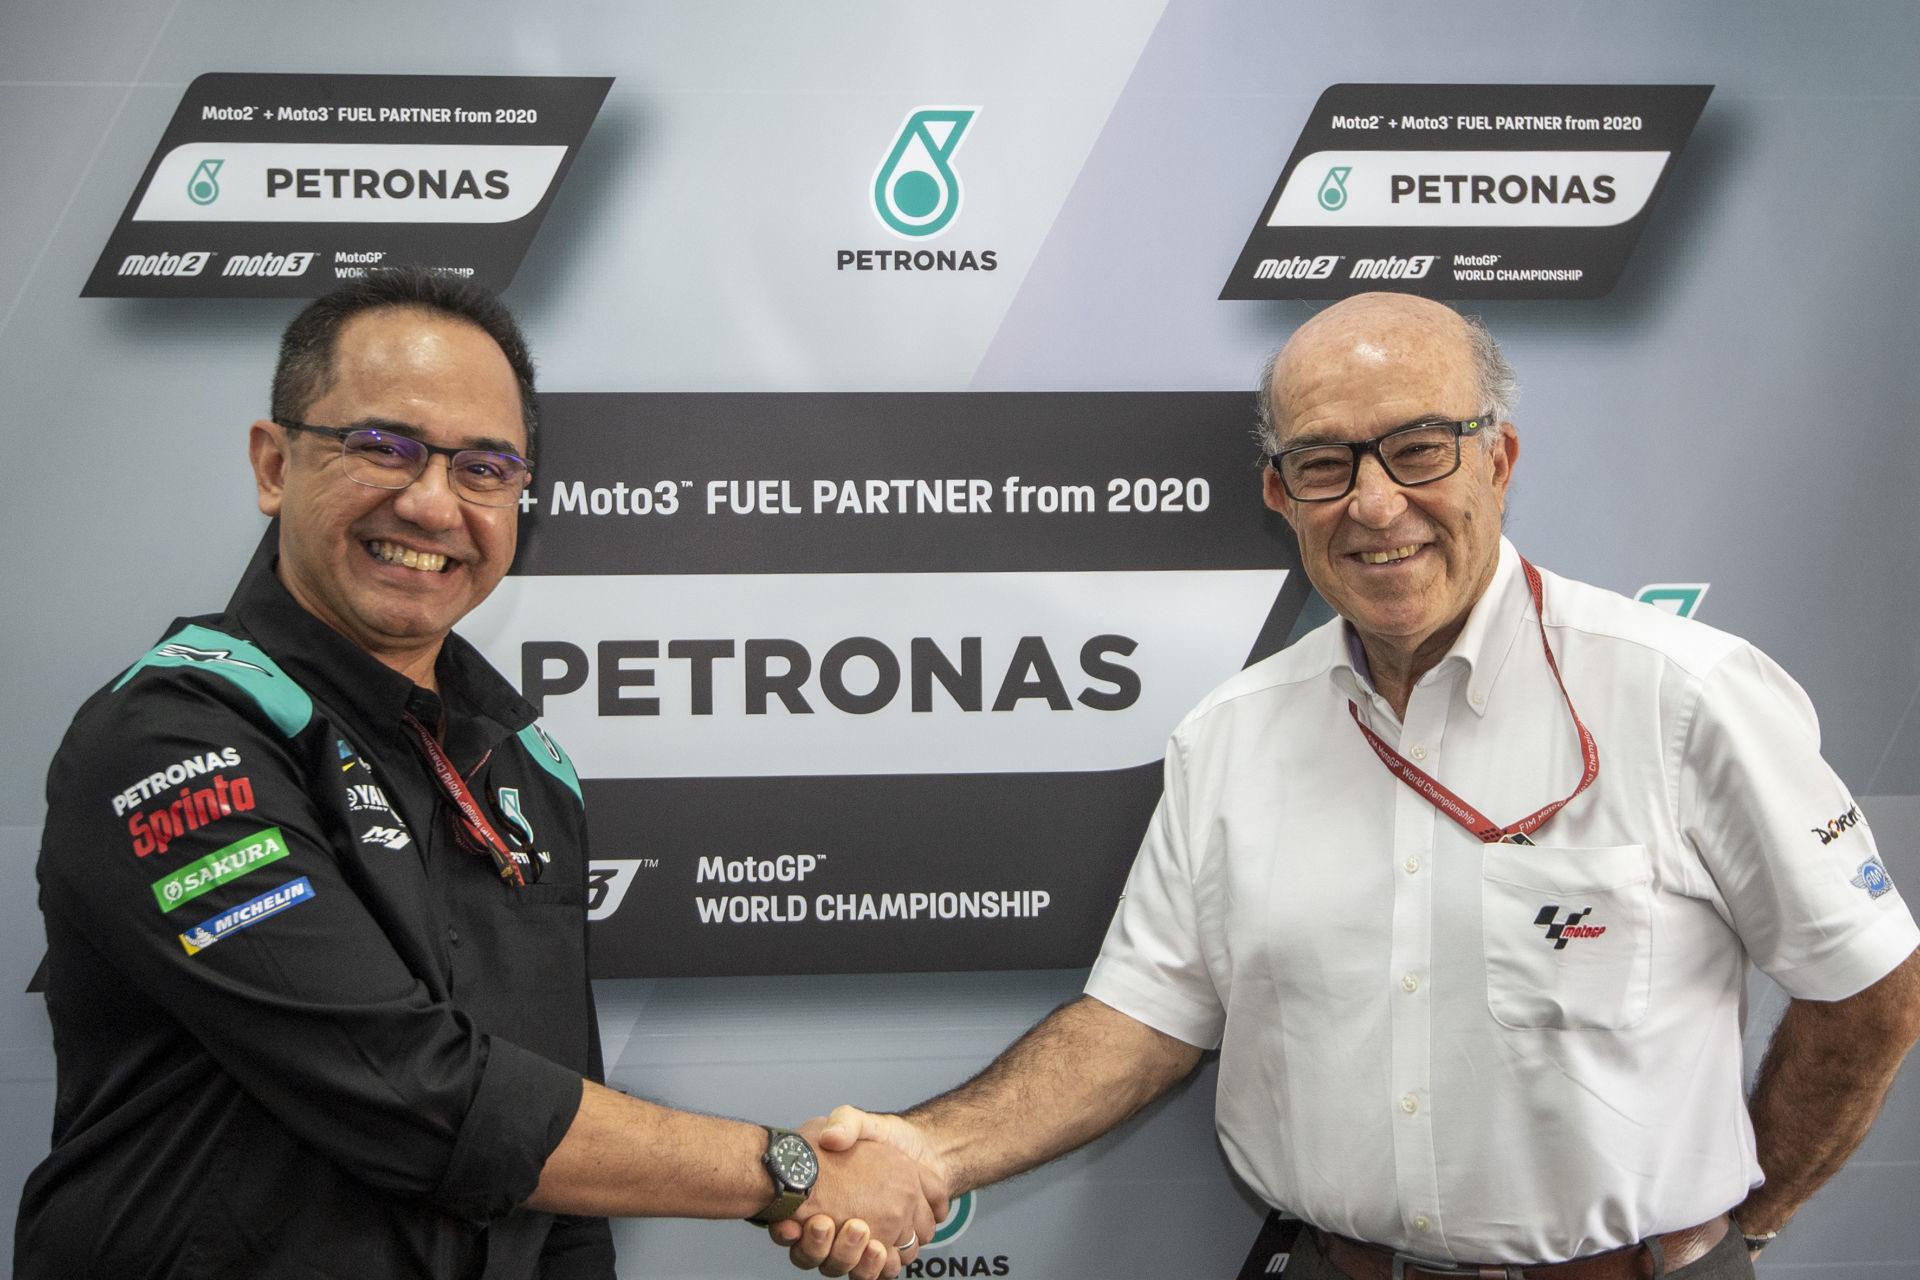 Tan Sri Wan Zulkiflee Wan Ariffin, President & Group CEO, PETRONAS (left) with Dorna CEO Carmelo Ezpeleta (right). Photo courtesy of Dorna.